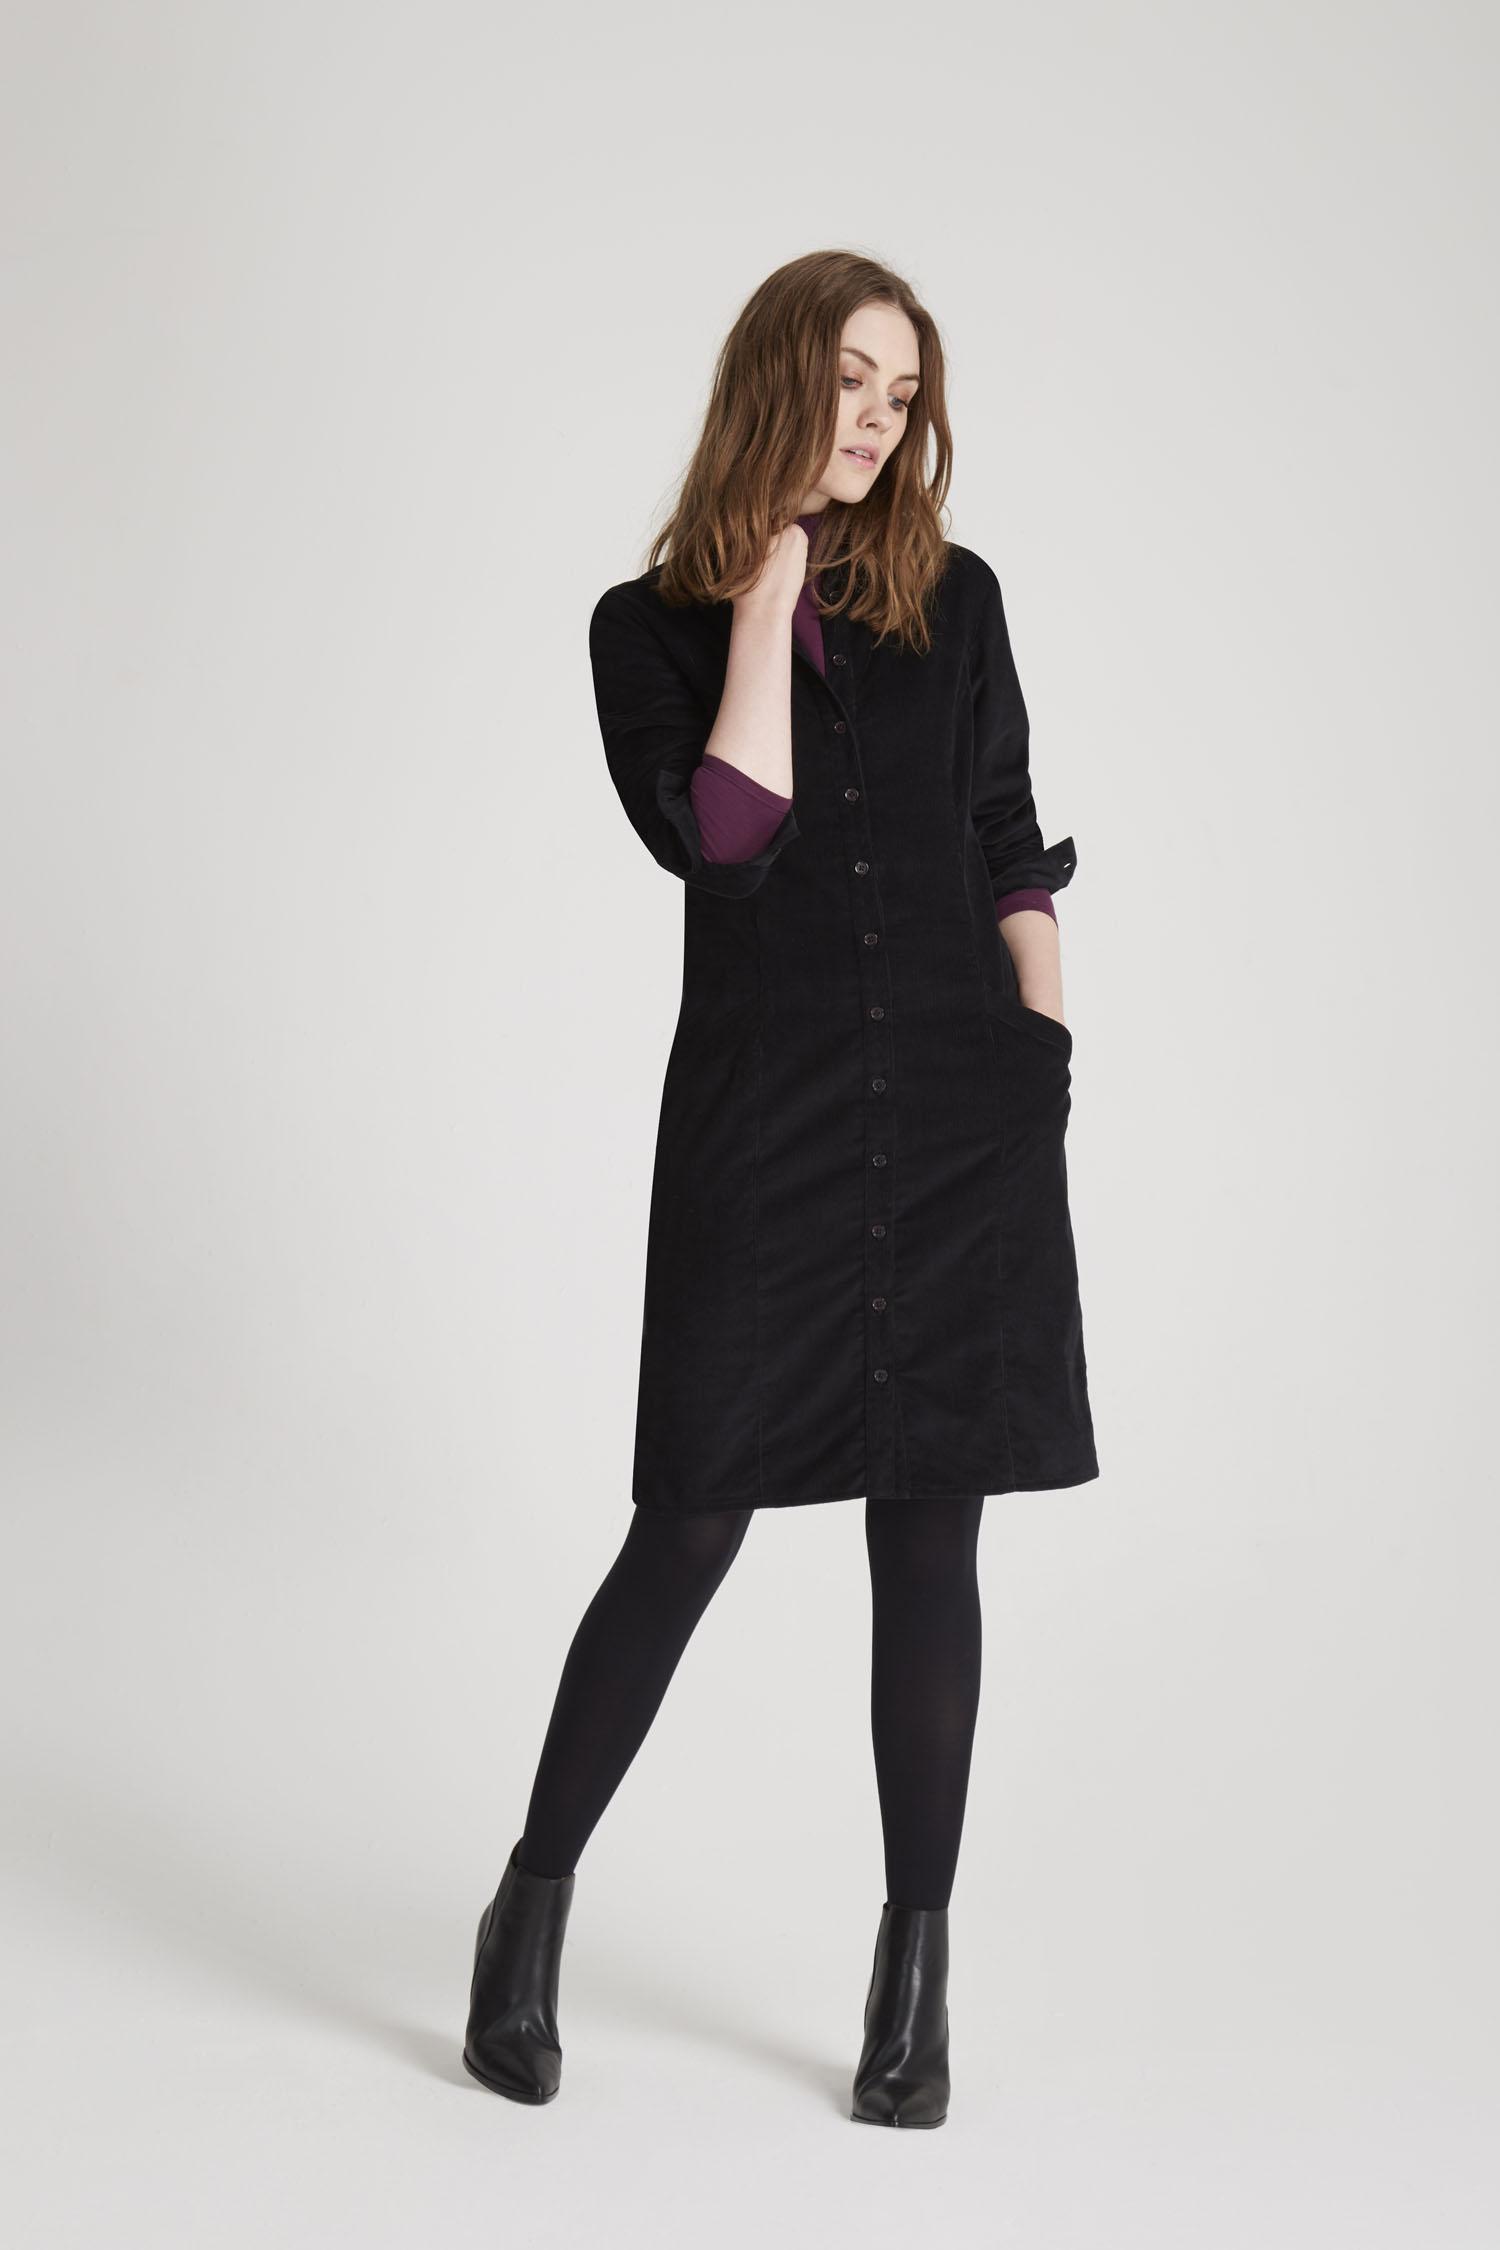 verena-corduroy-shirt-dress-in-black-8e9dfdfe693d.jpg